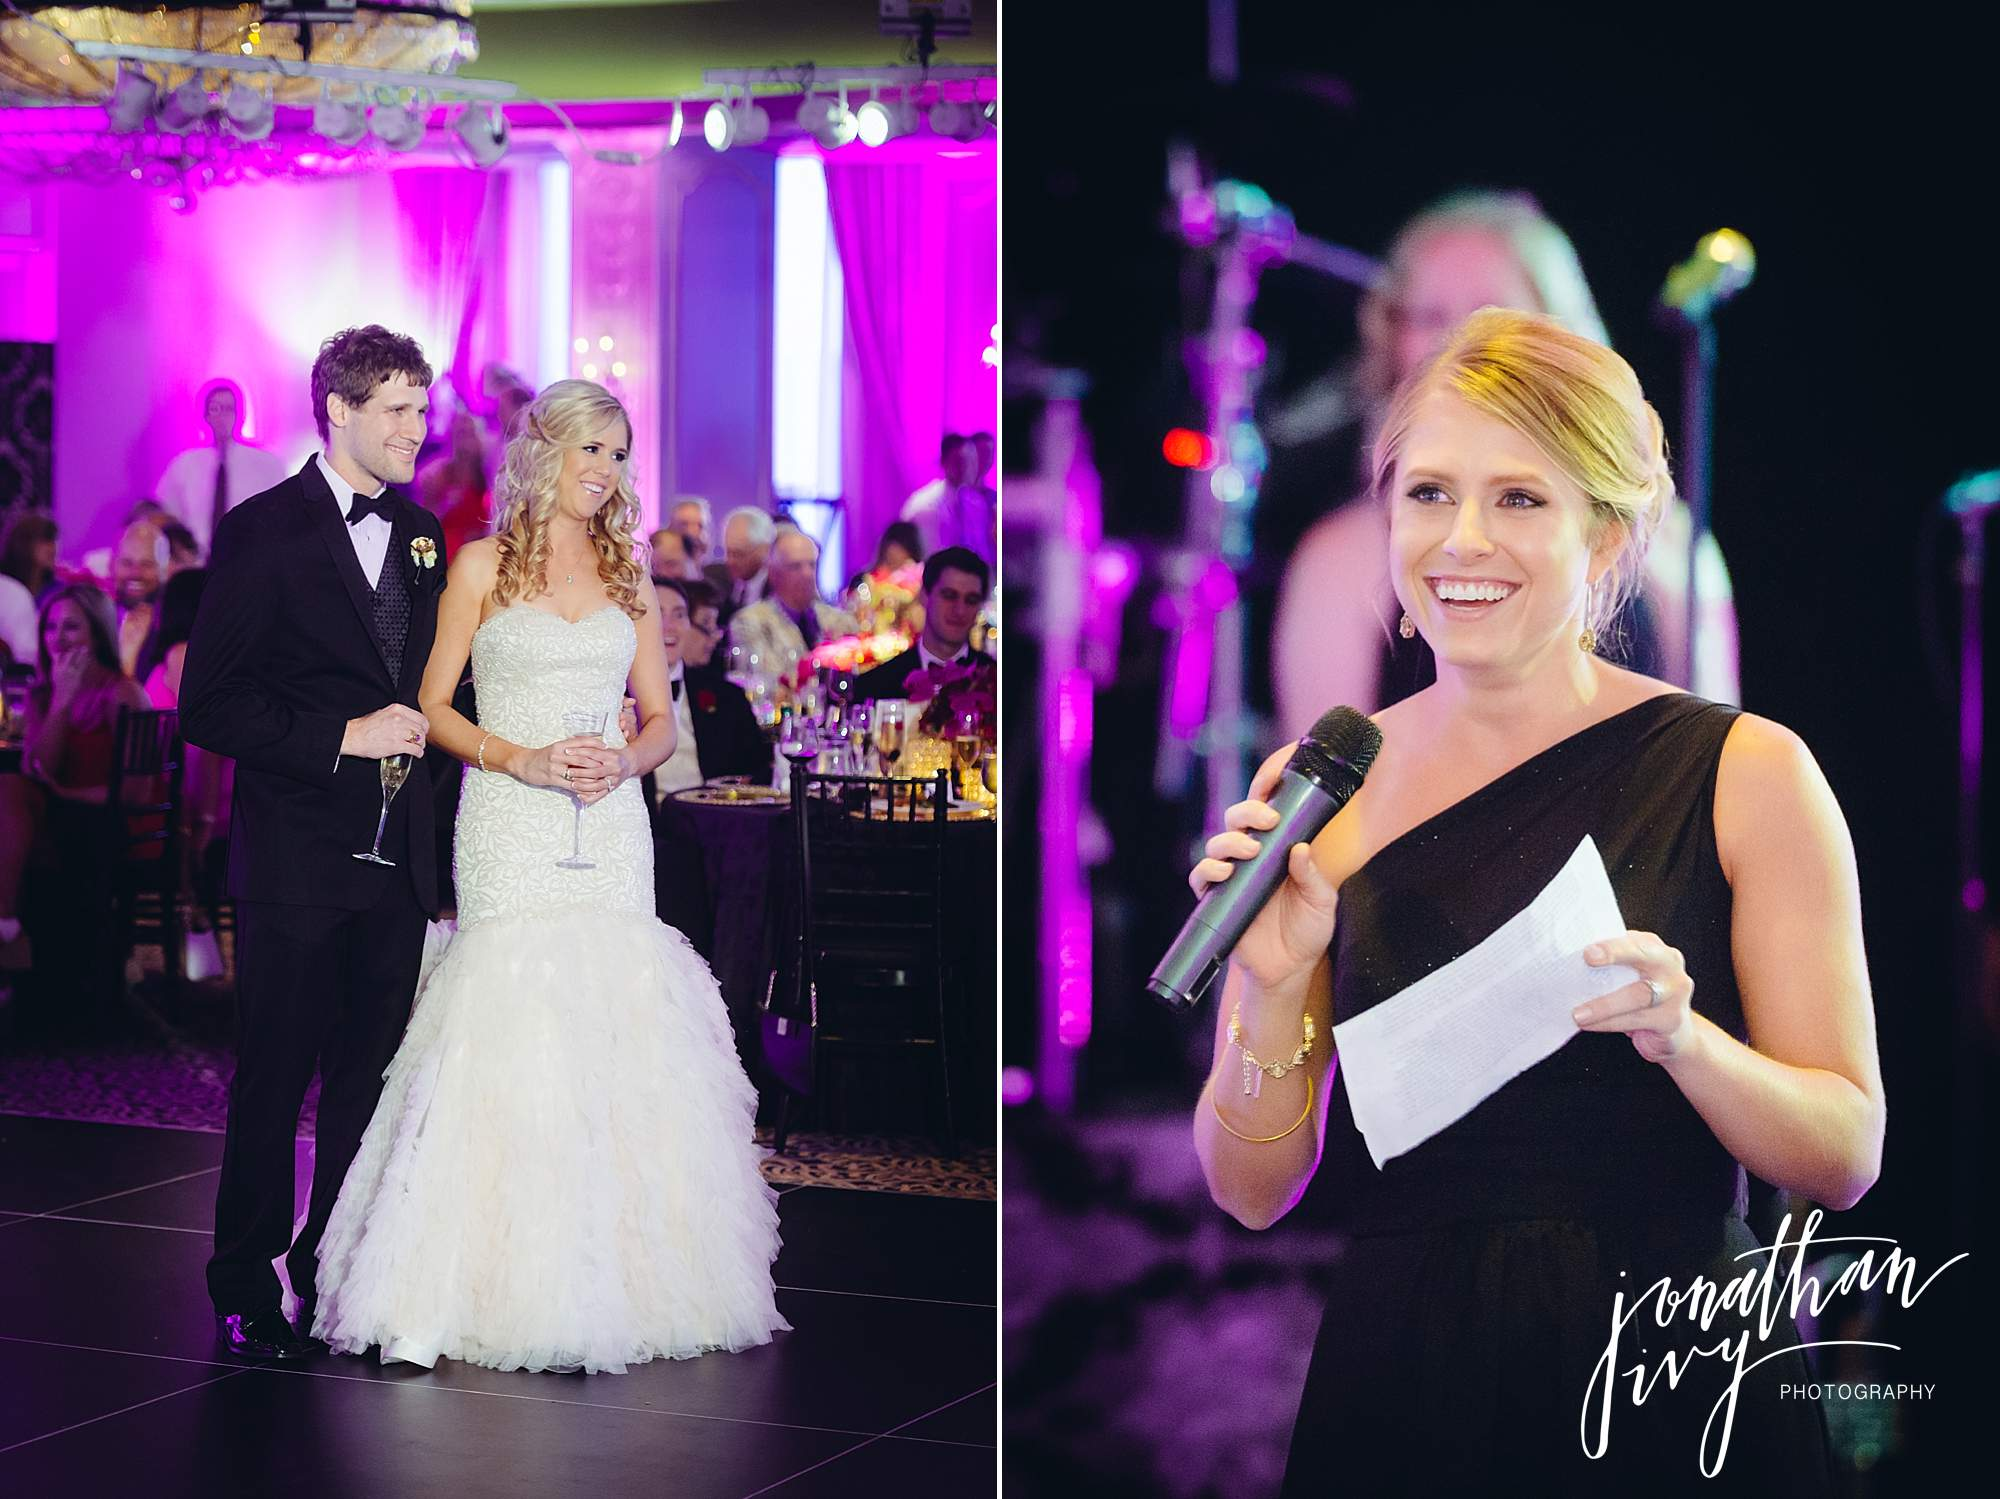 Hotel-Zaza-Houston-Wedding-Reception-0039.jpg